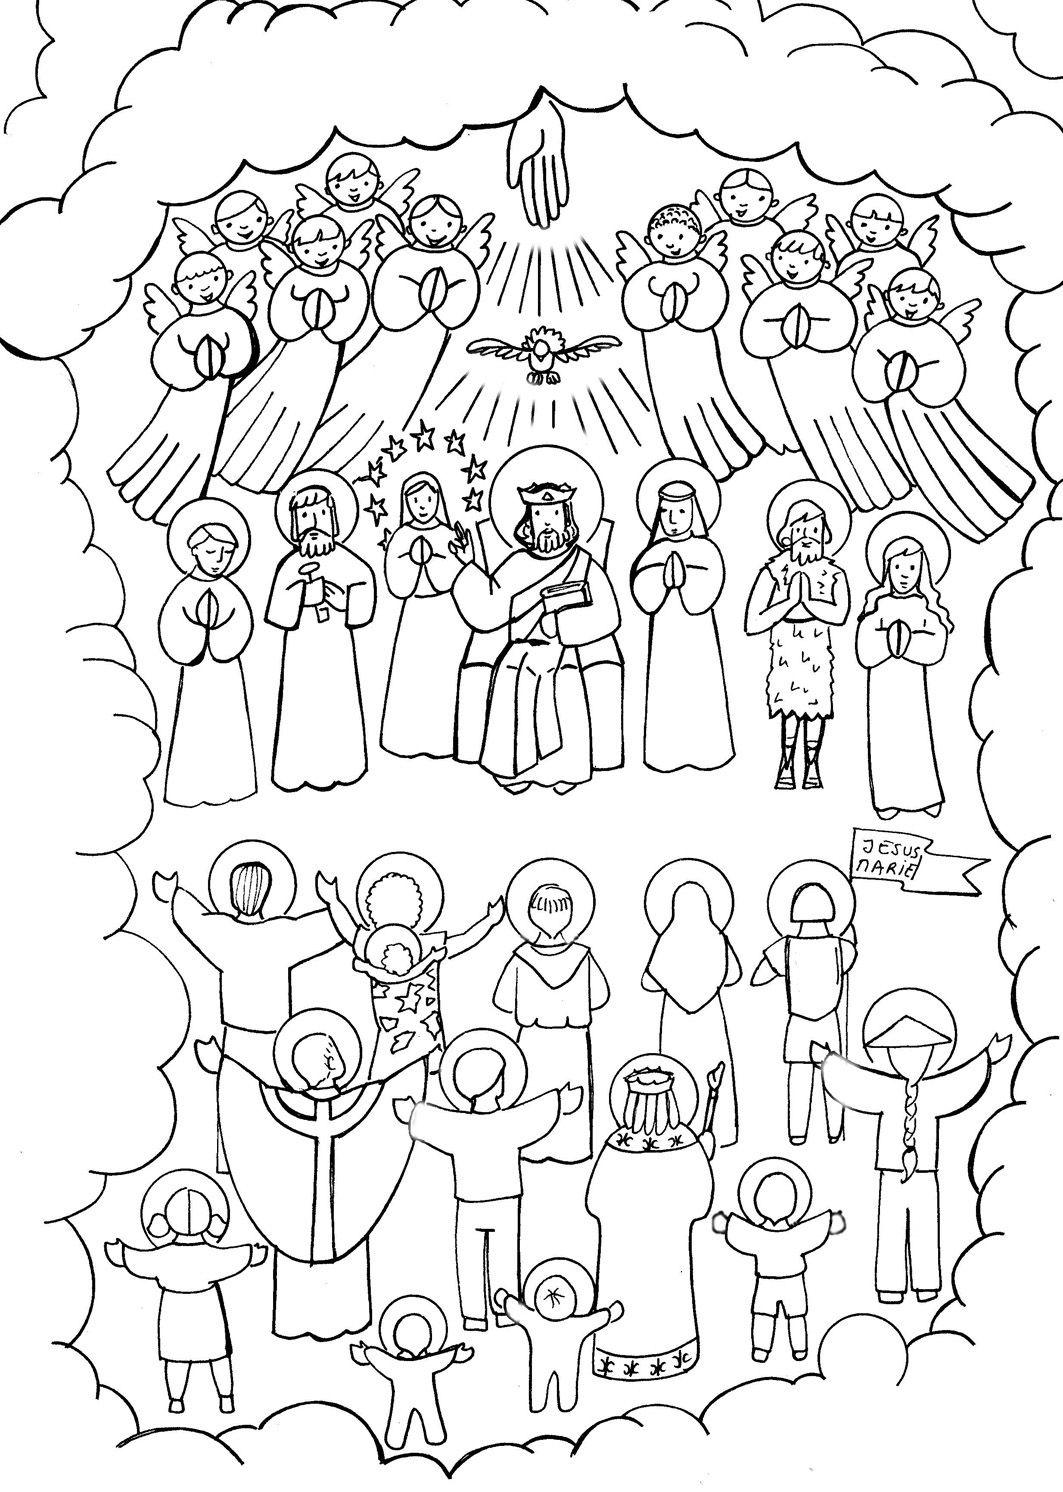 Préparer la Toussaint avec les enfants | Pages à colorier ...